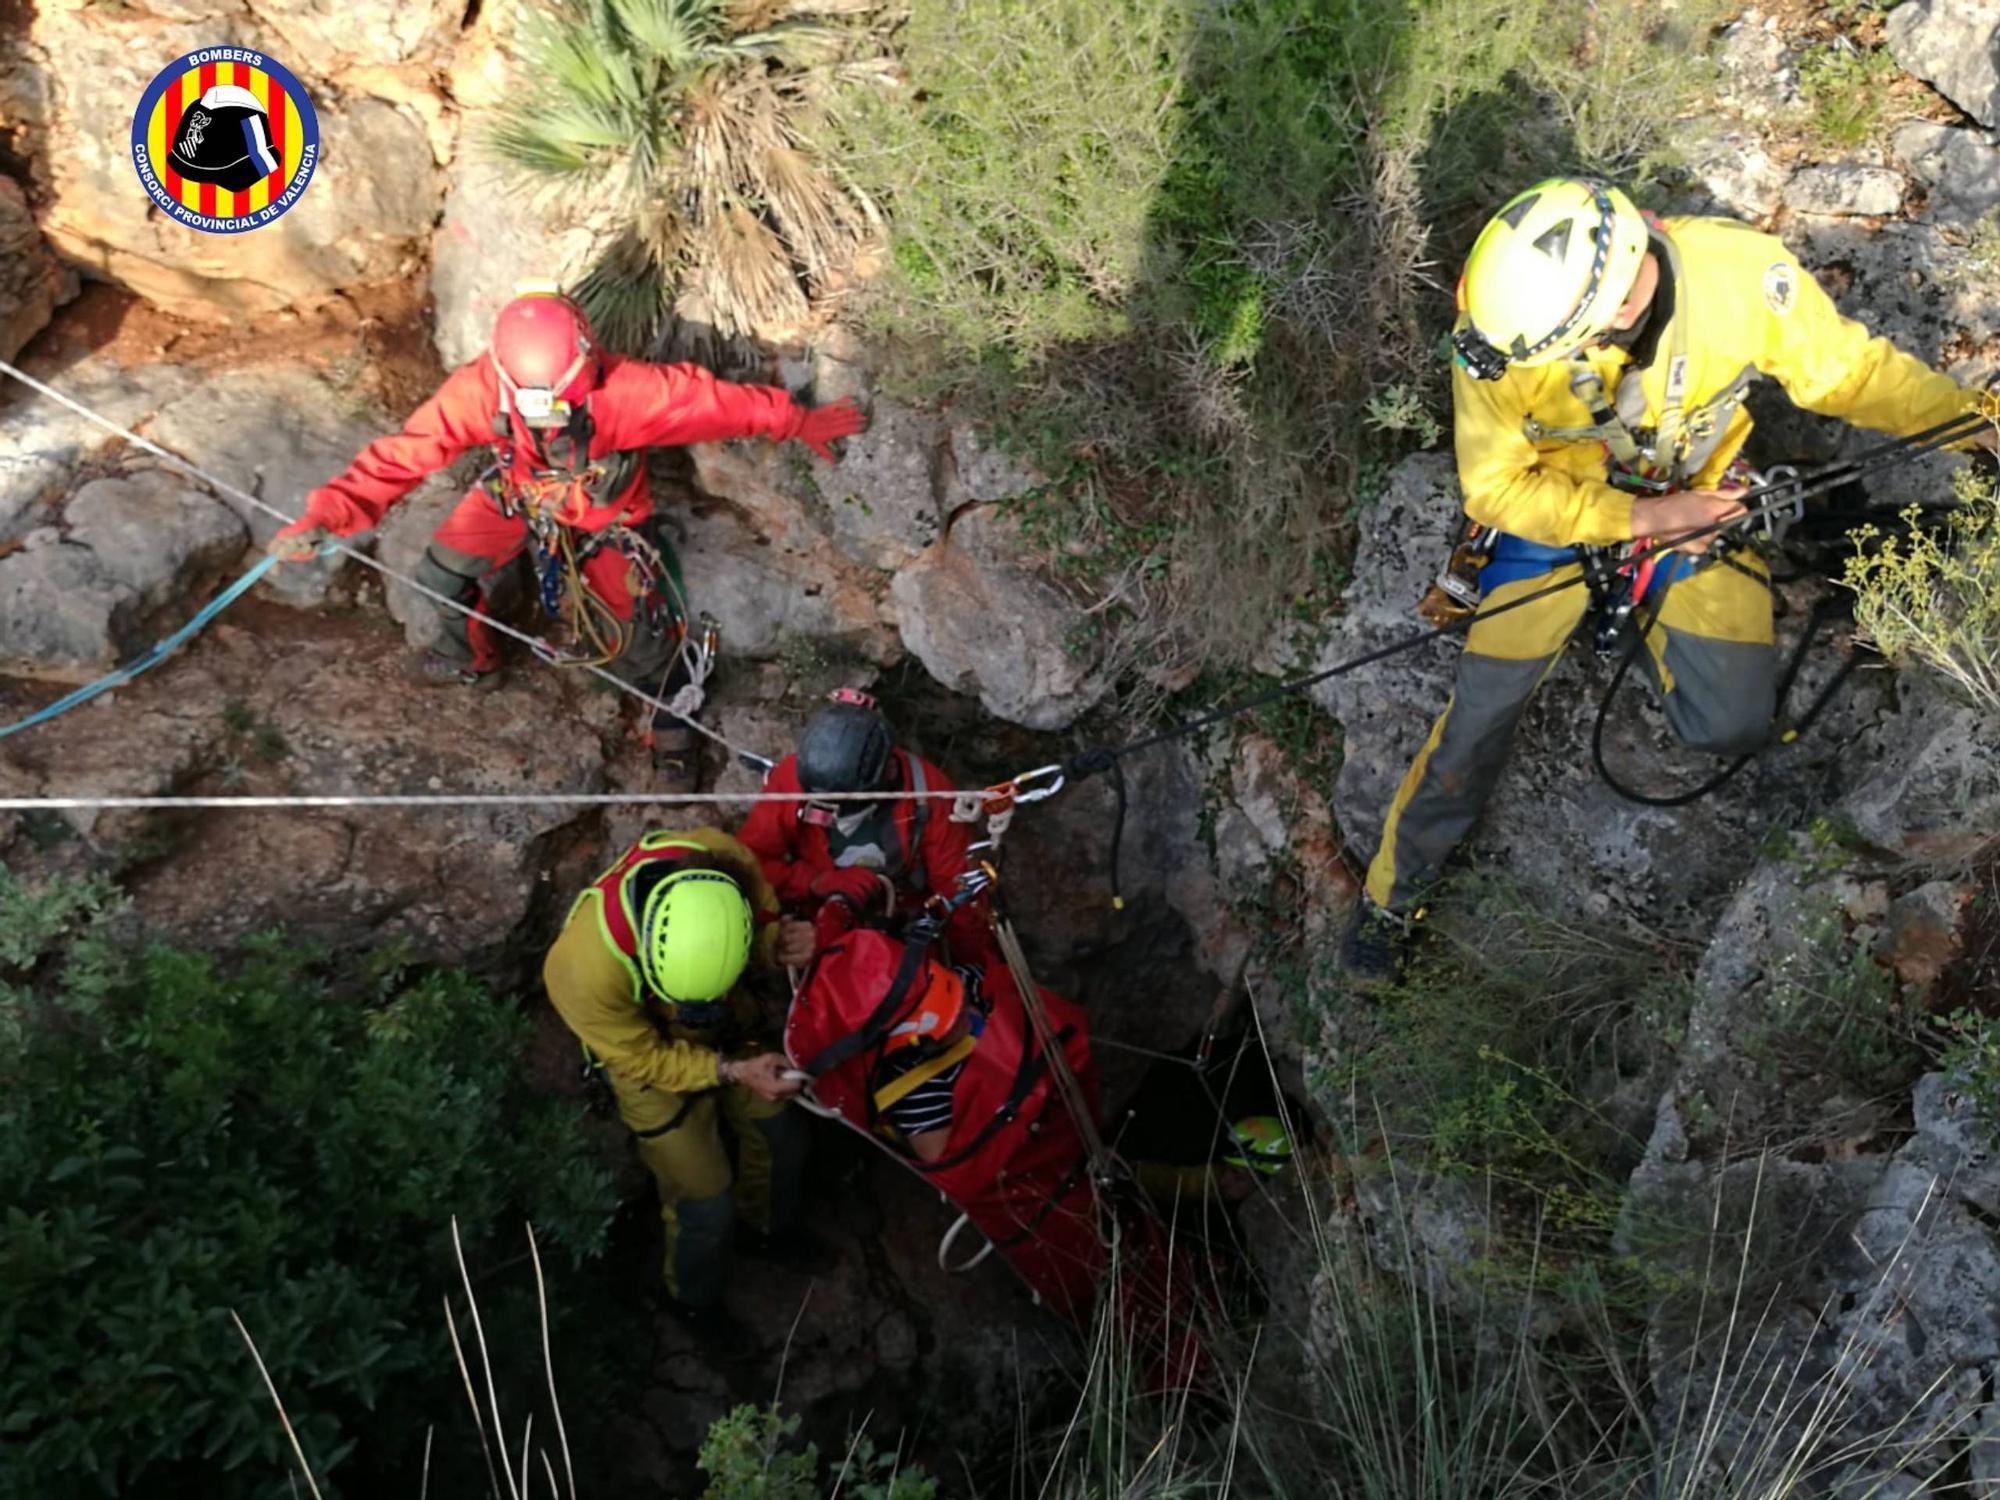 Rescate de una mujer en la Cueva de Maravillas de Dos Aguas